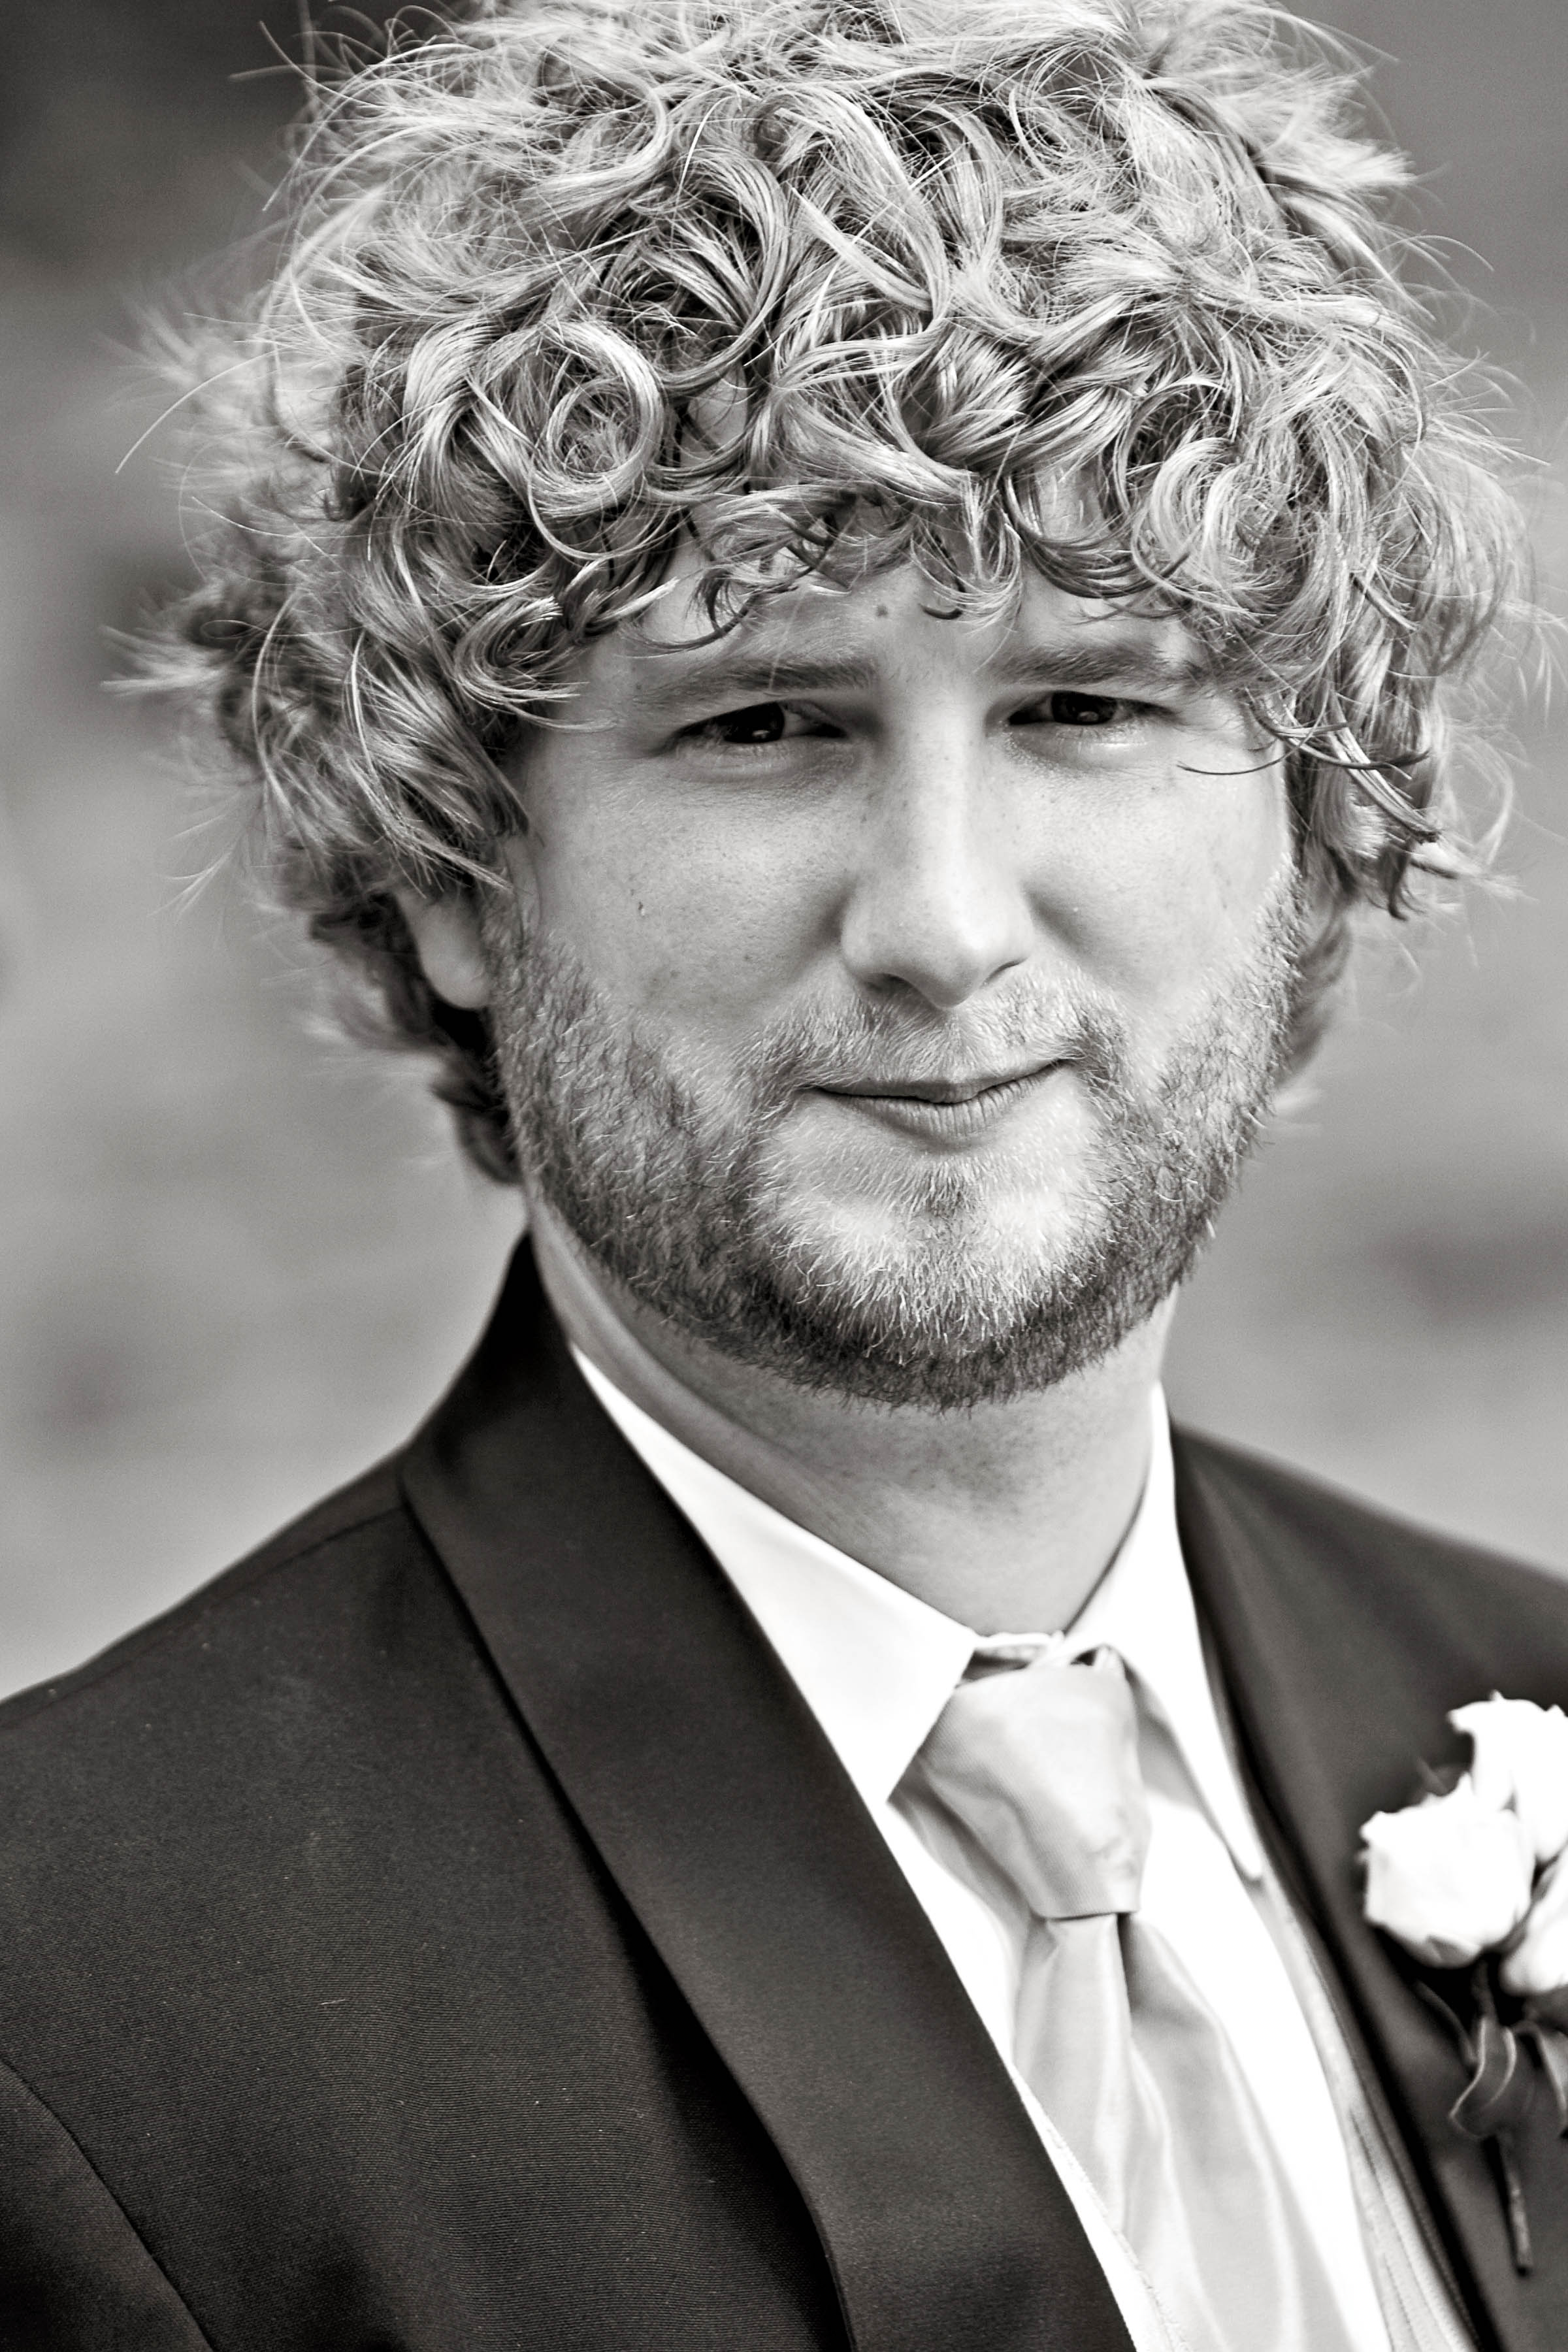 Kyle Hollis